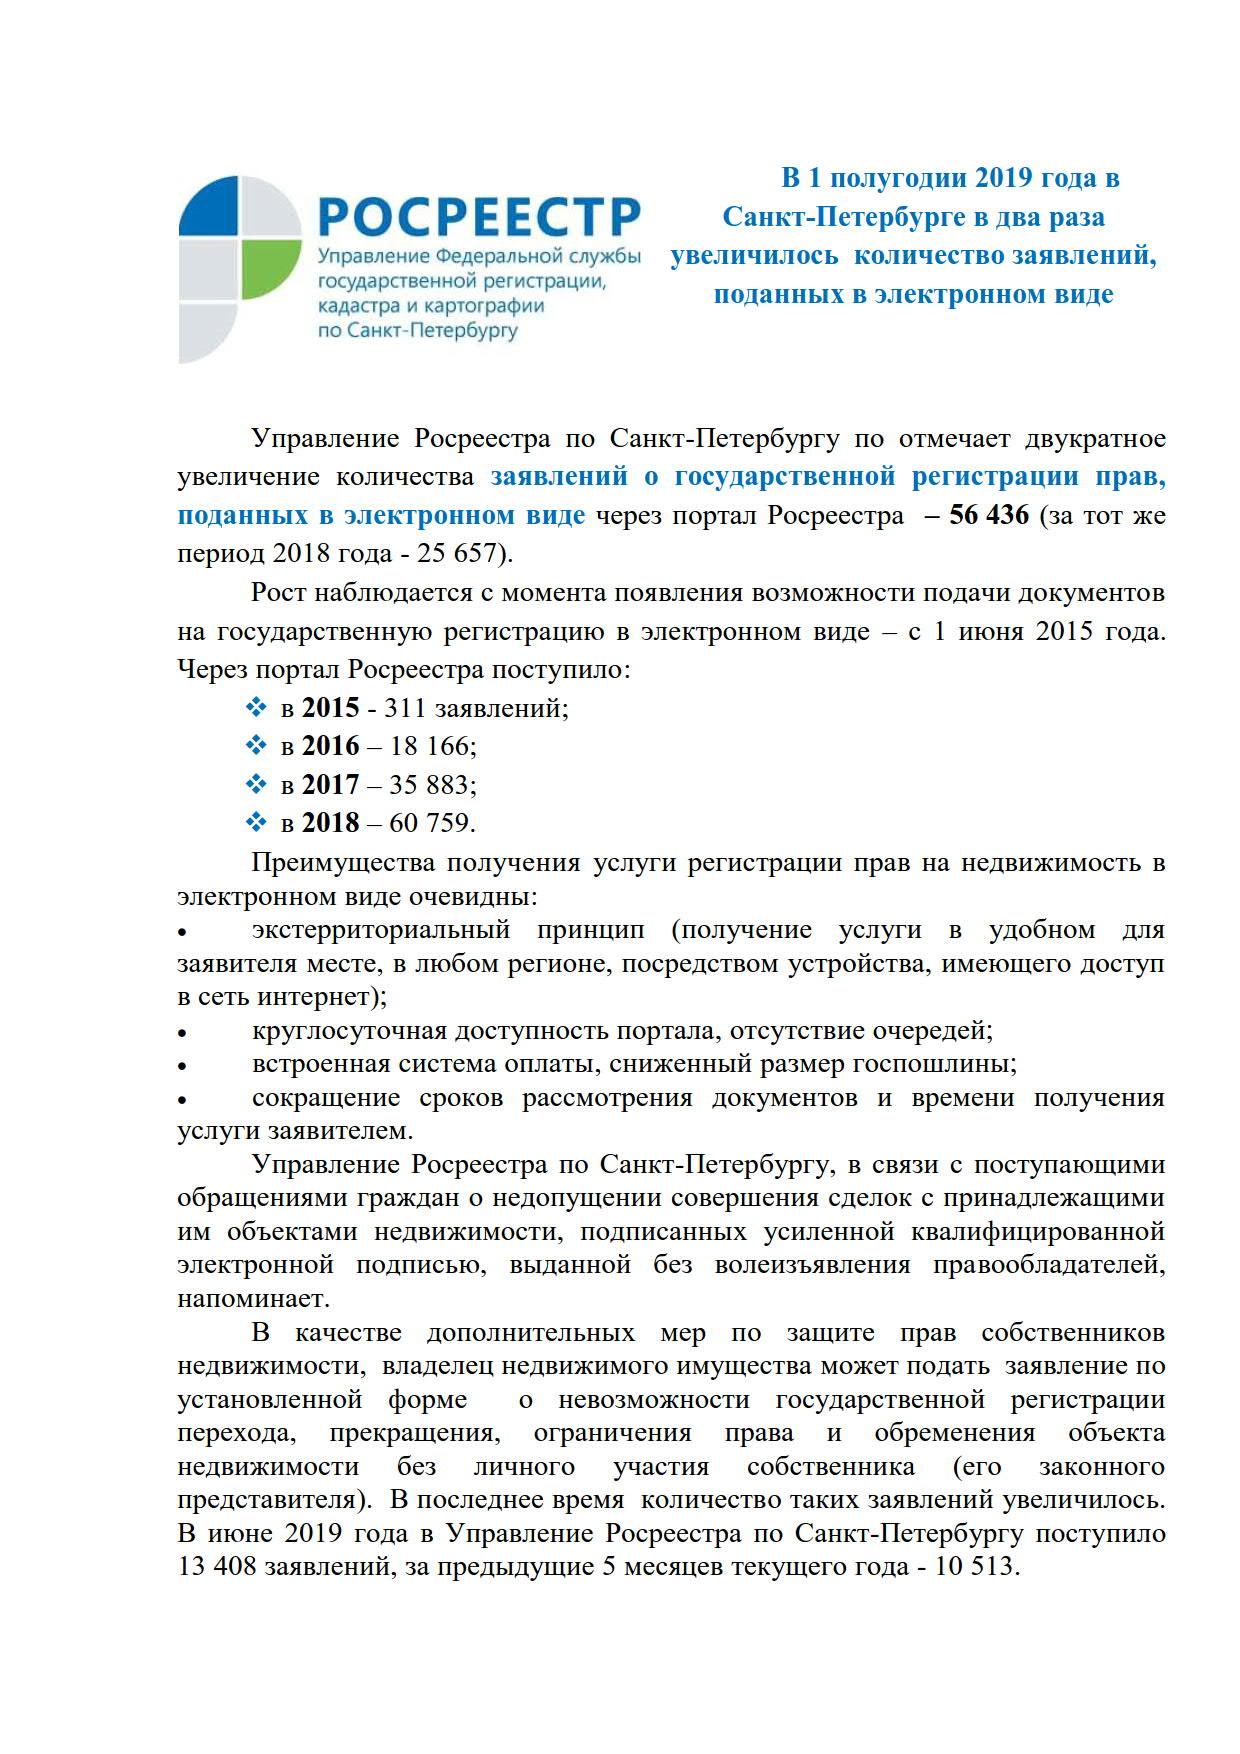 Статистика Росреестр 1 полугодие 2019_1